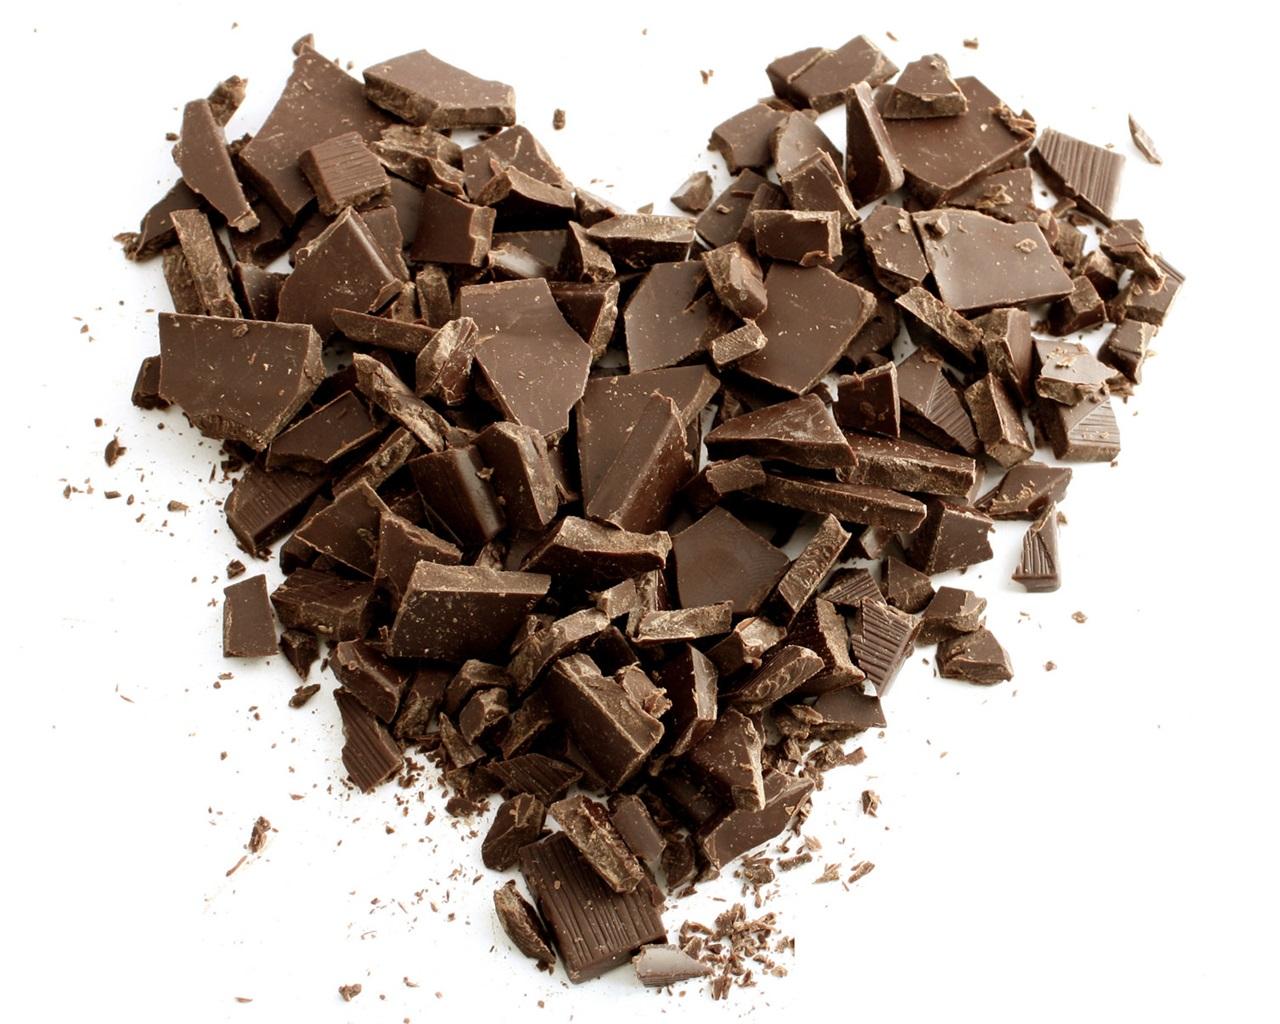 Fondos De Pantalla De Chocolates: Chocolate Amor Corazón, Fondo Blanco Fondos De Pantalla